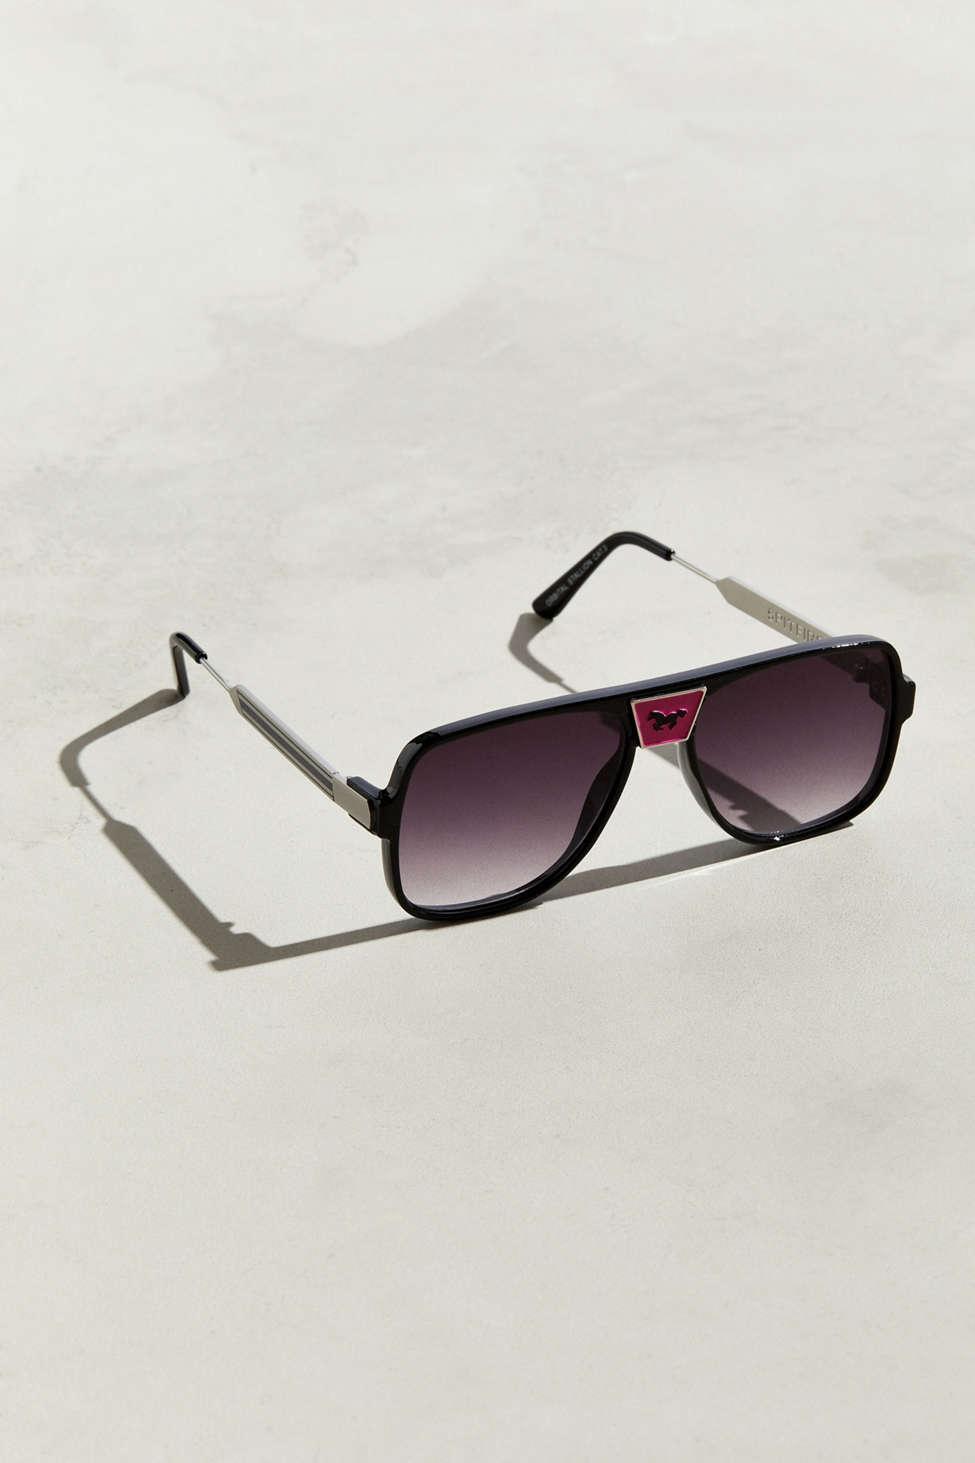 b9517185073 Lyst - Spitfire Orbital Stallion Sunglasses in Pink for Men